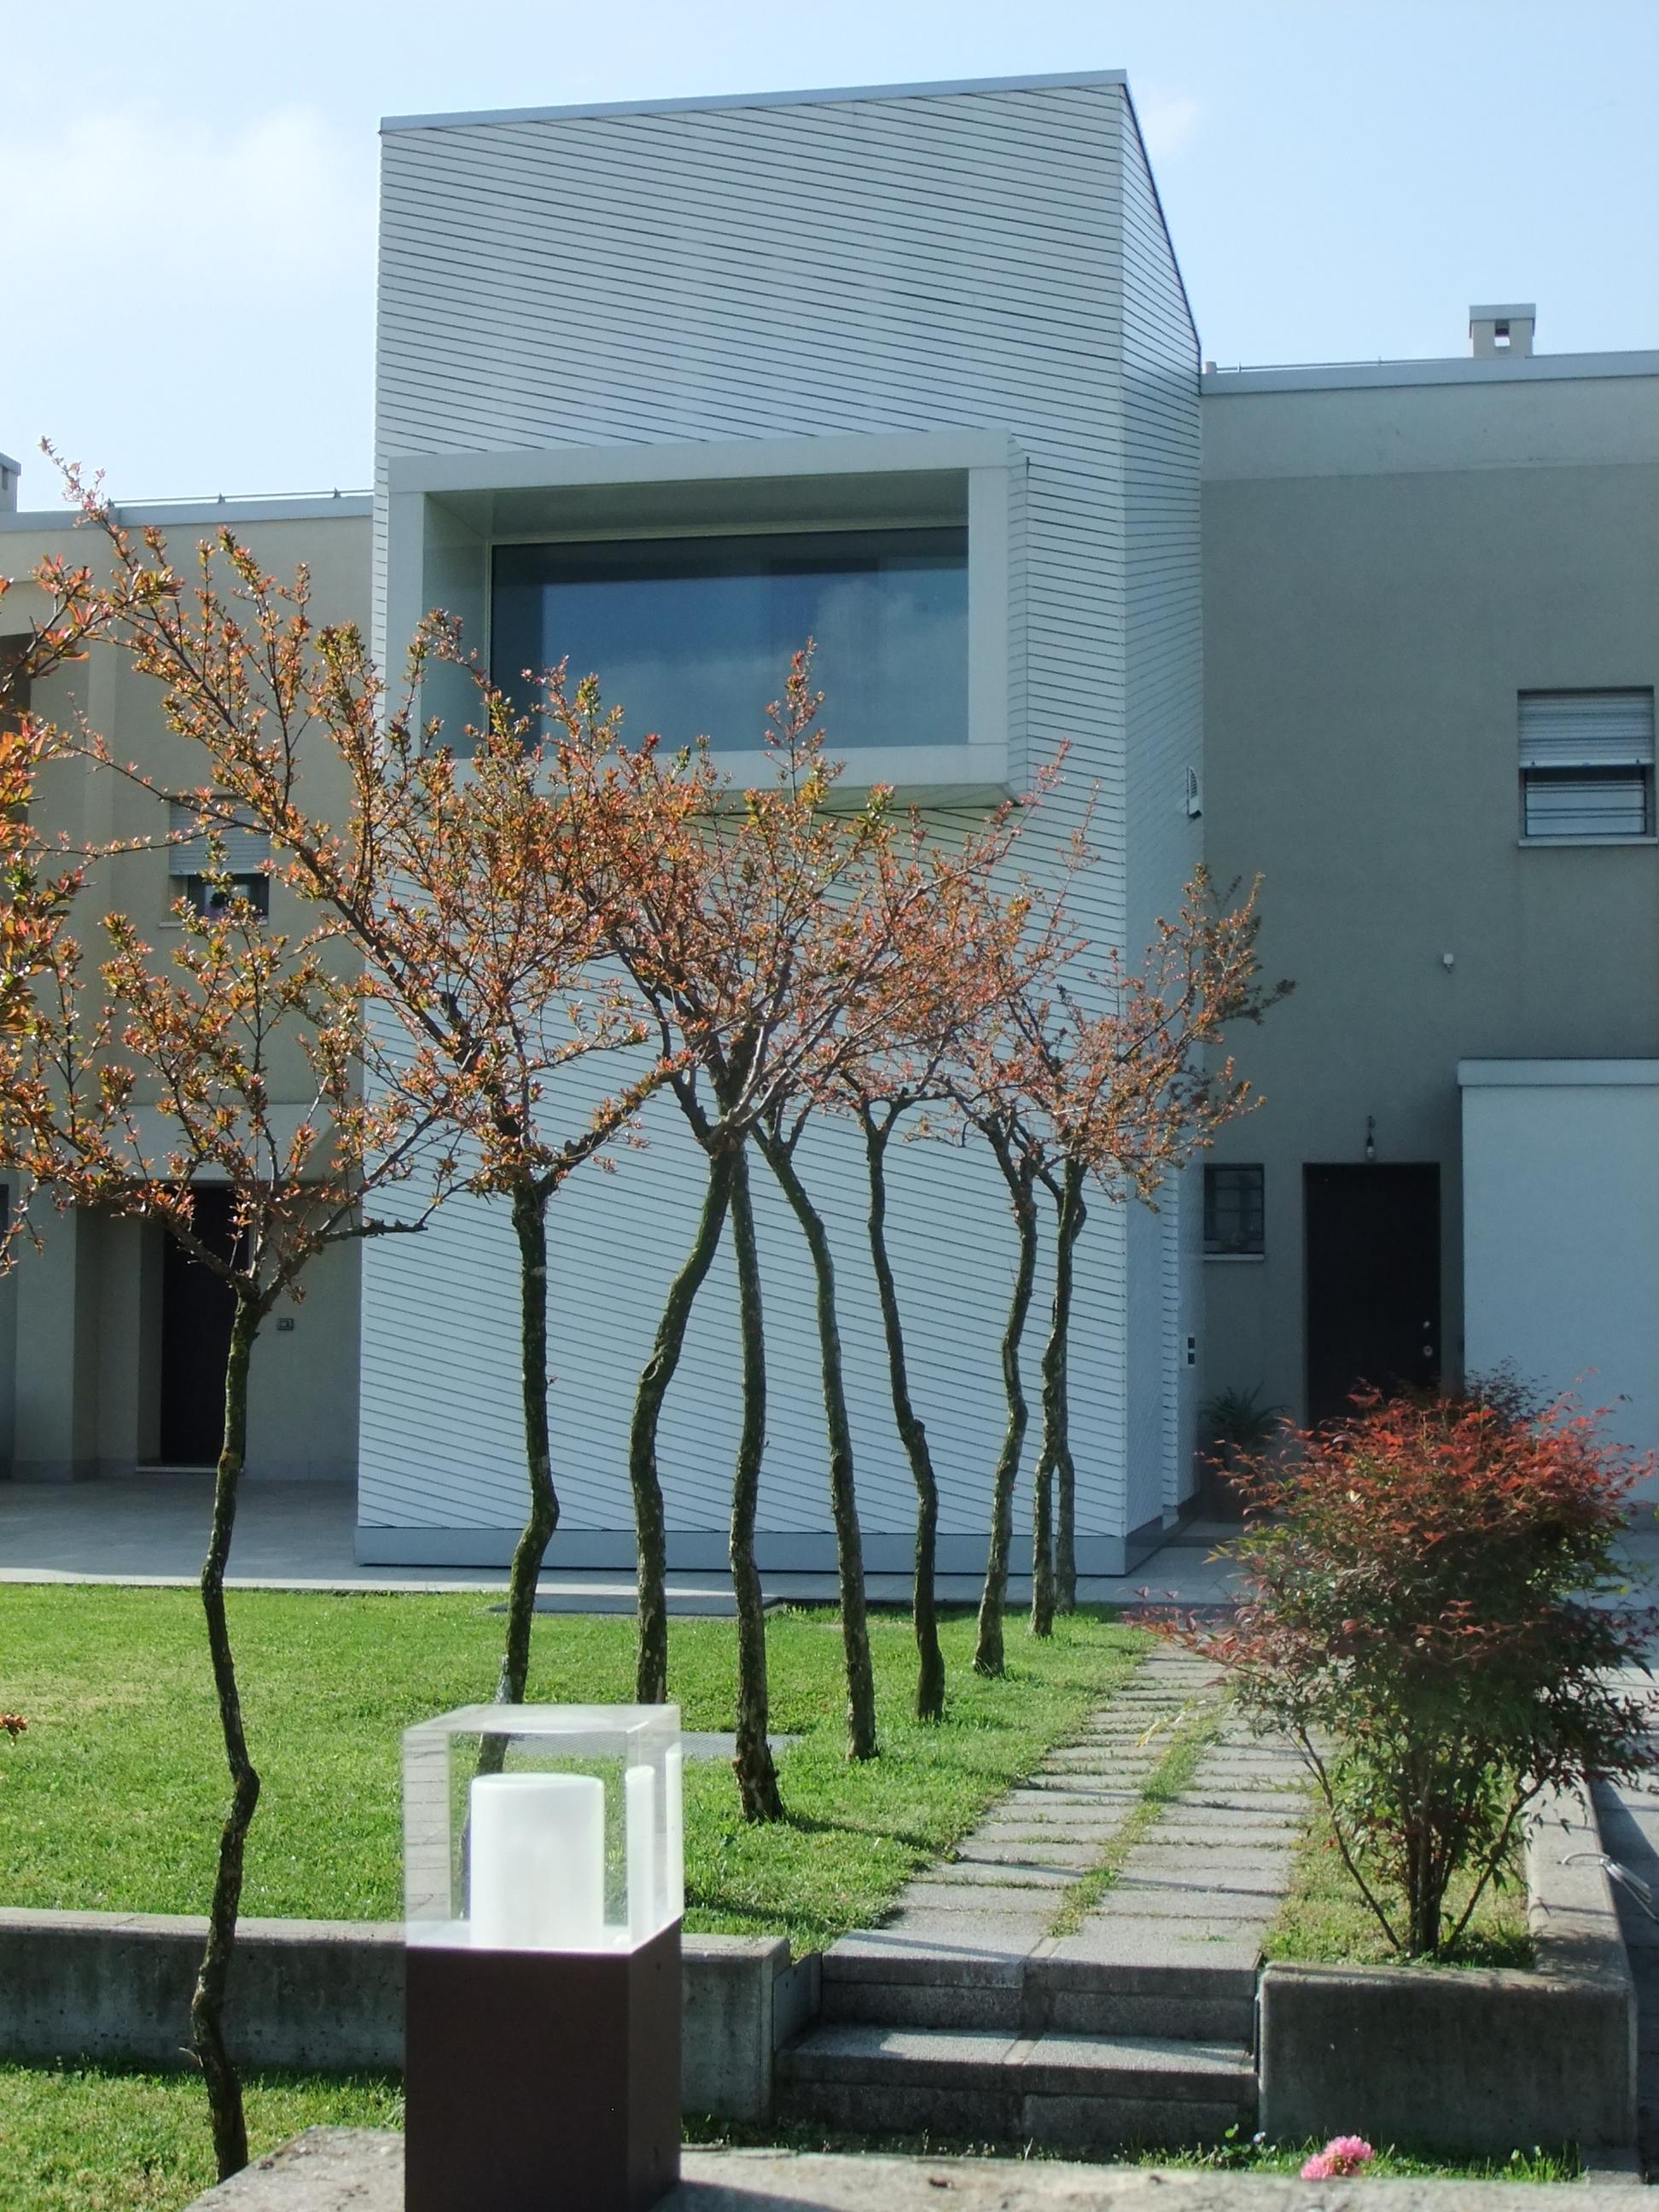 Claudio pellanda architetto scheda dell 39 azienda for Consulenza architetto